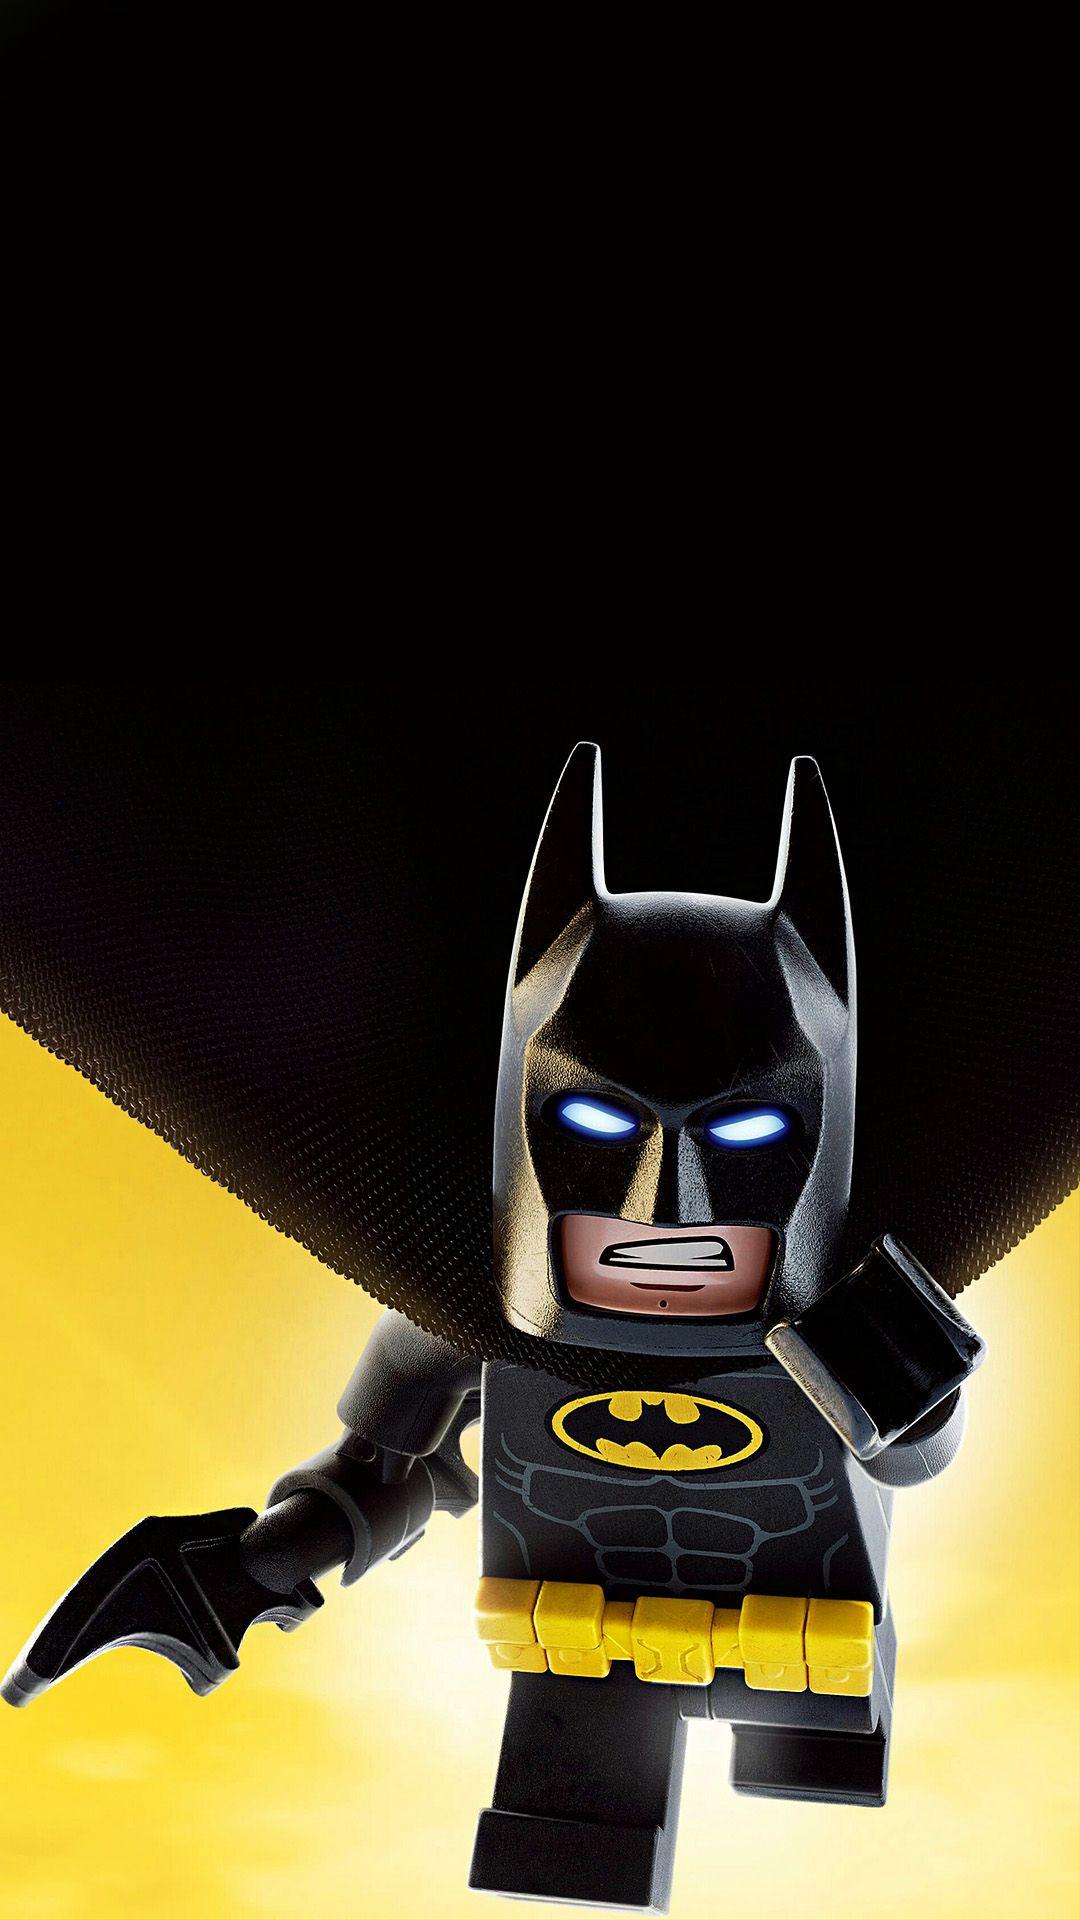 Lego Batman Background Wallpaper Fondos De Pantalla Batman